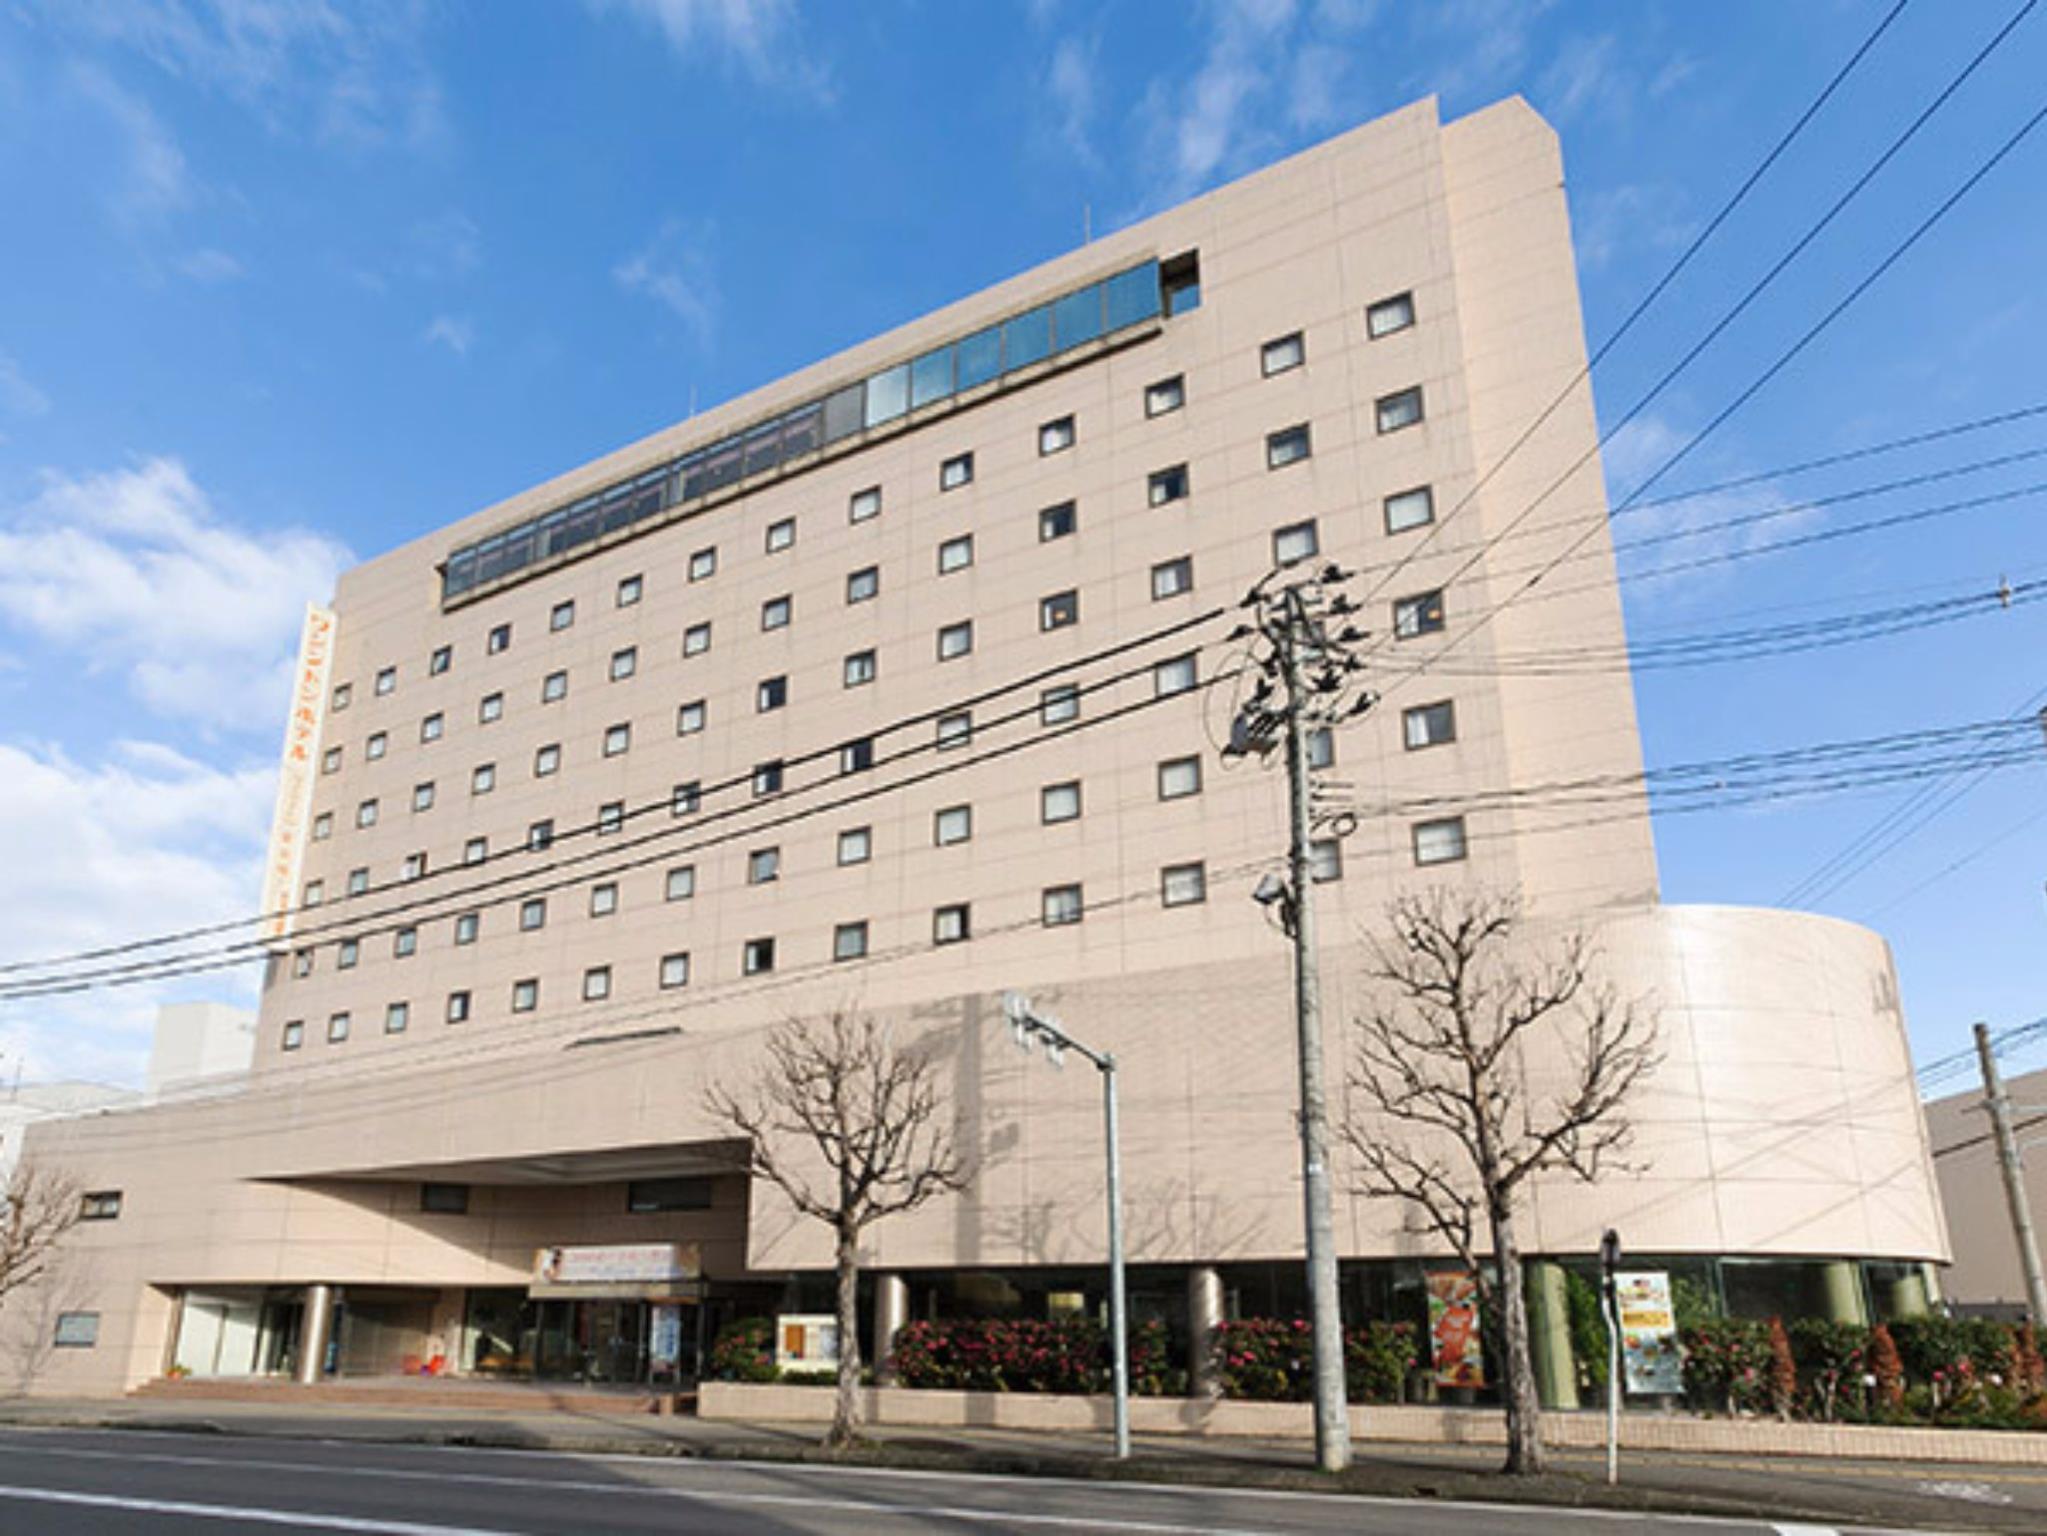 Aizu Wakamatsu Washington Hotel